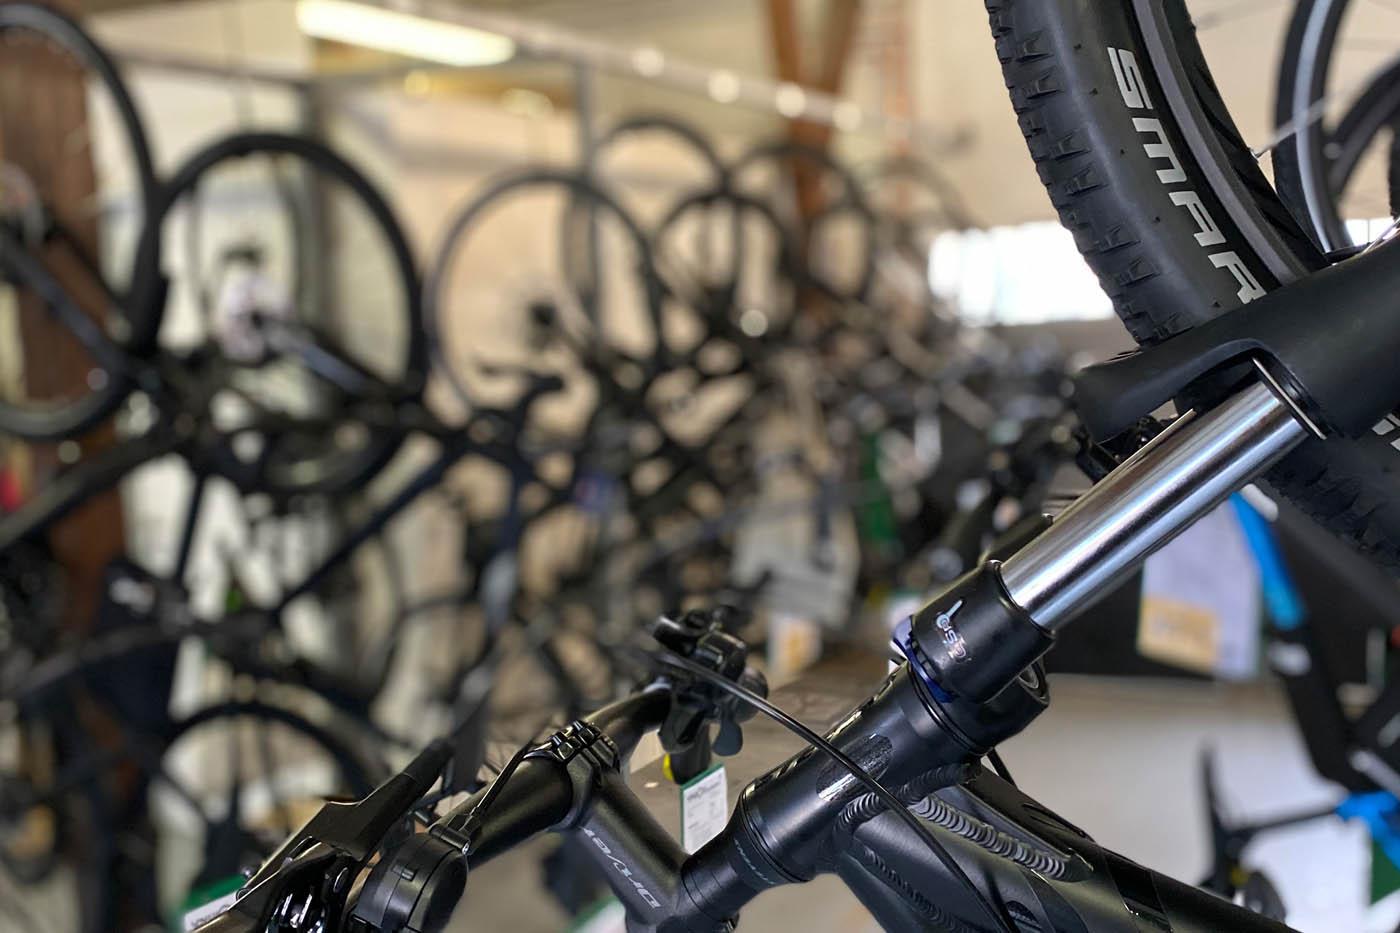 Montierte Fahrräder können bei Radsport von Hacht abgeholt werden